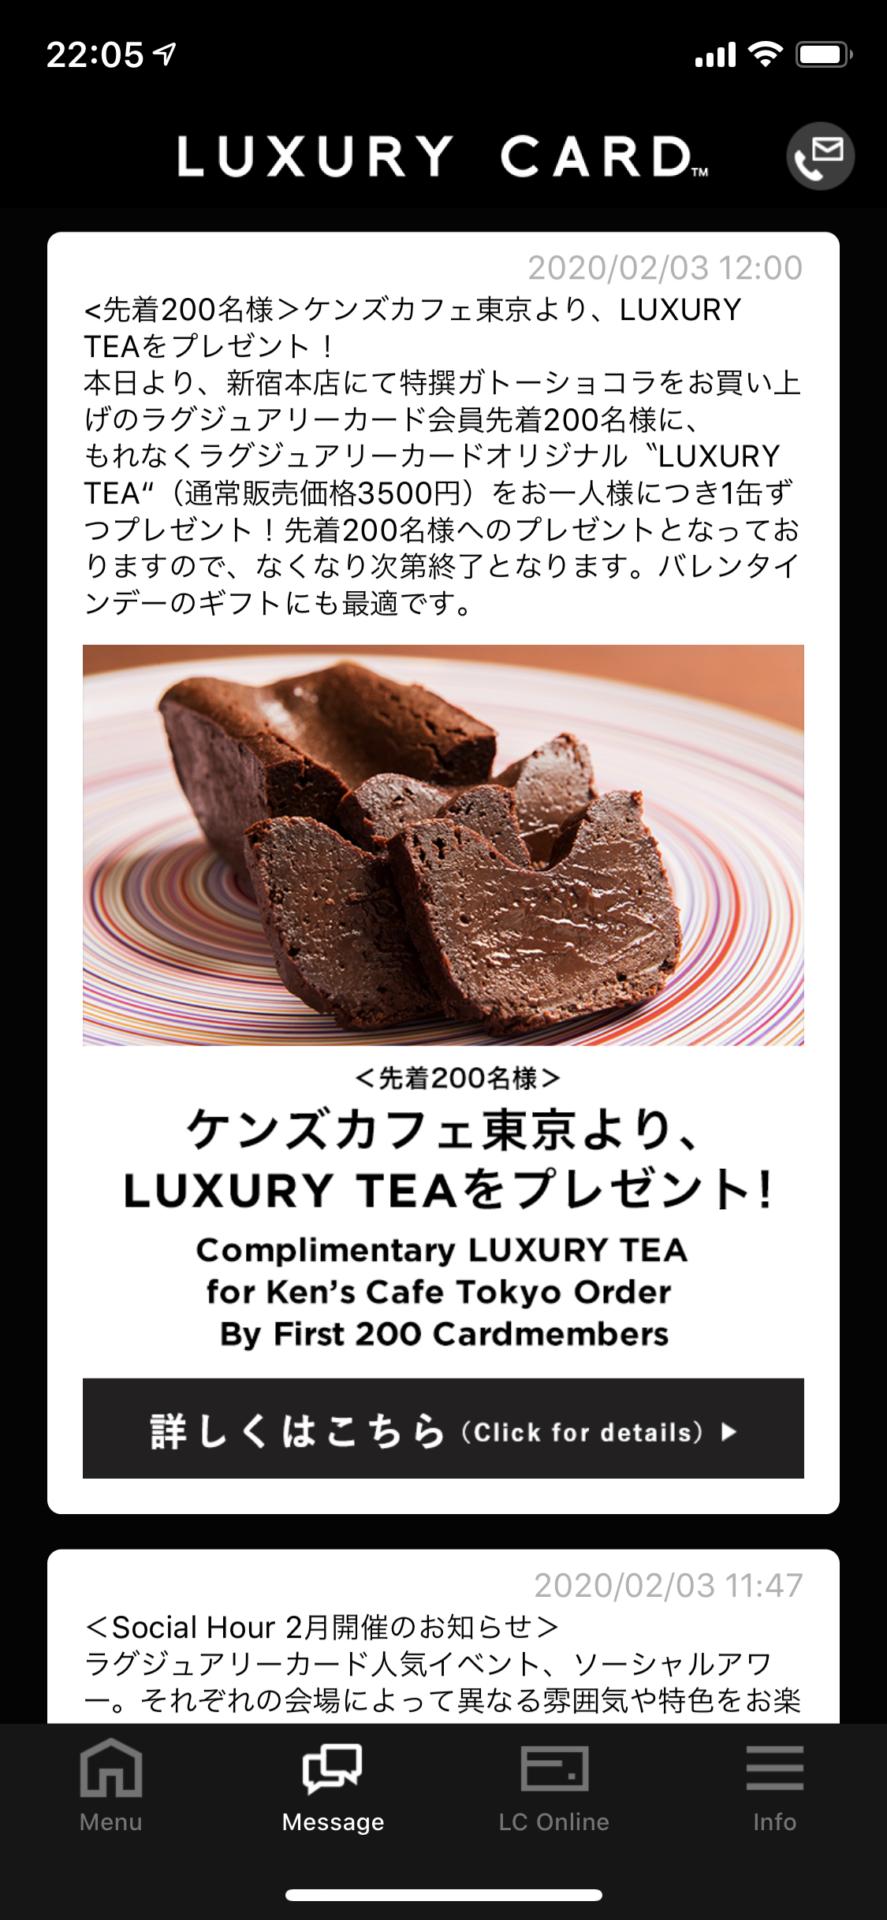 ケンズカフェ東京のLUXURY TEA プレゼント